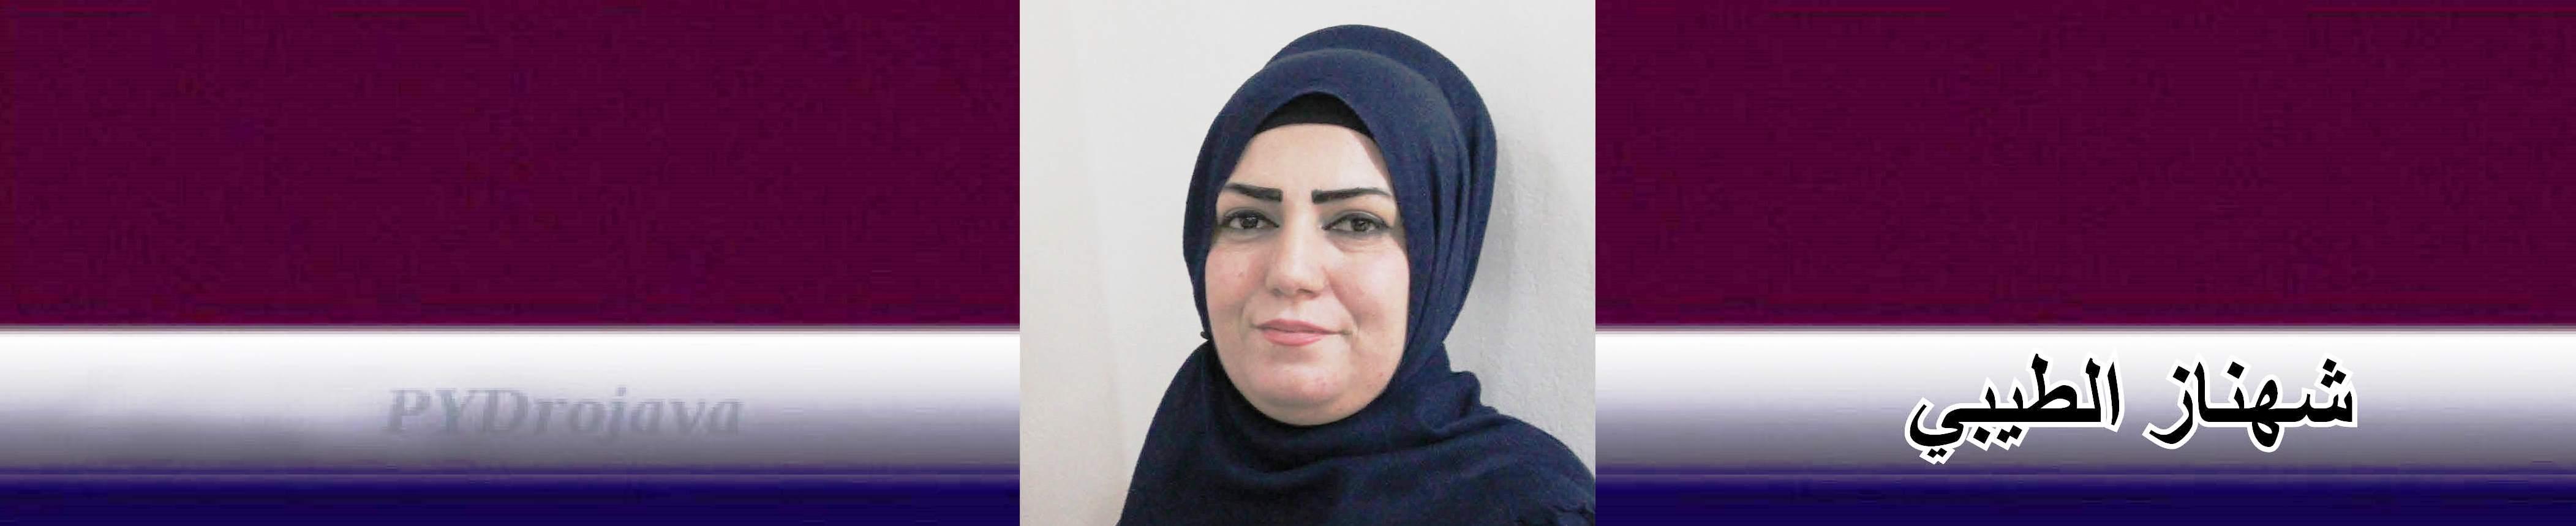 Photo of حزبنا وعناصر المجتمع